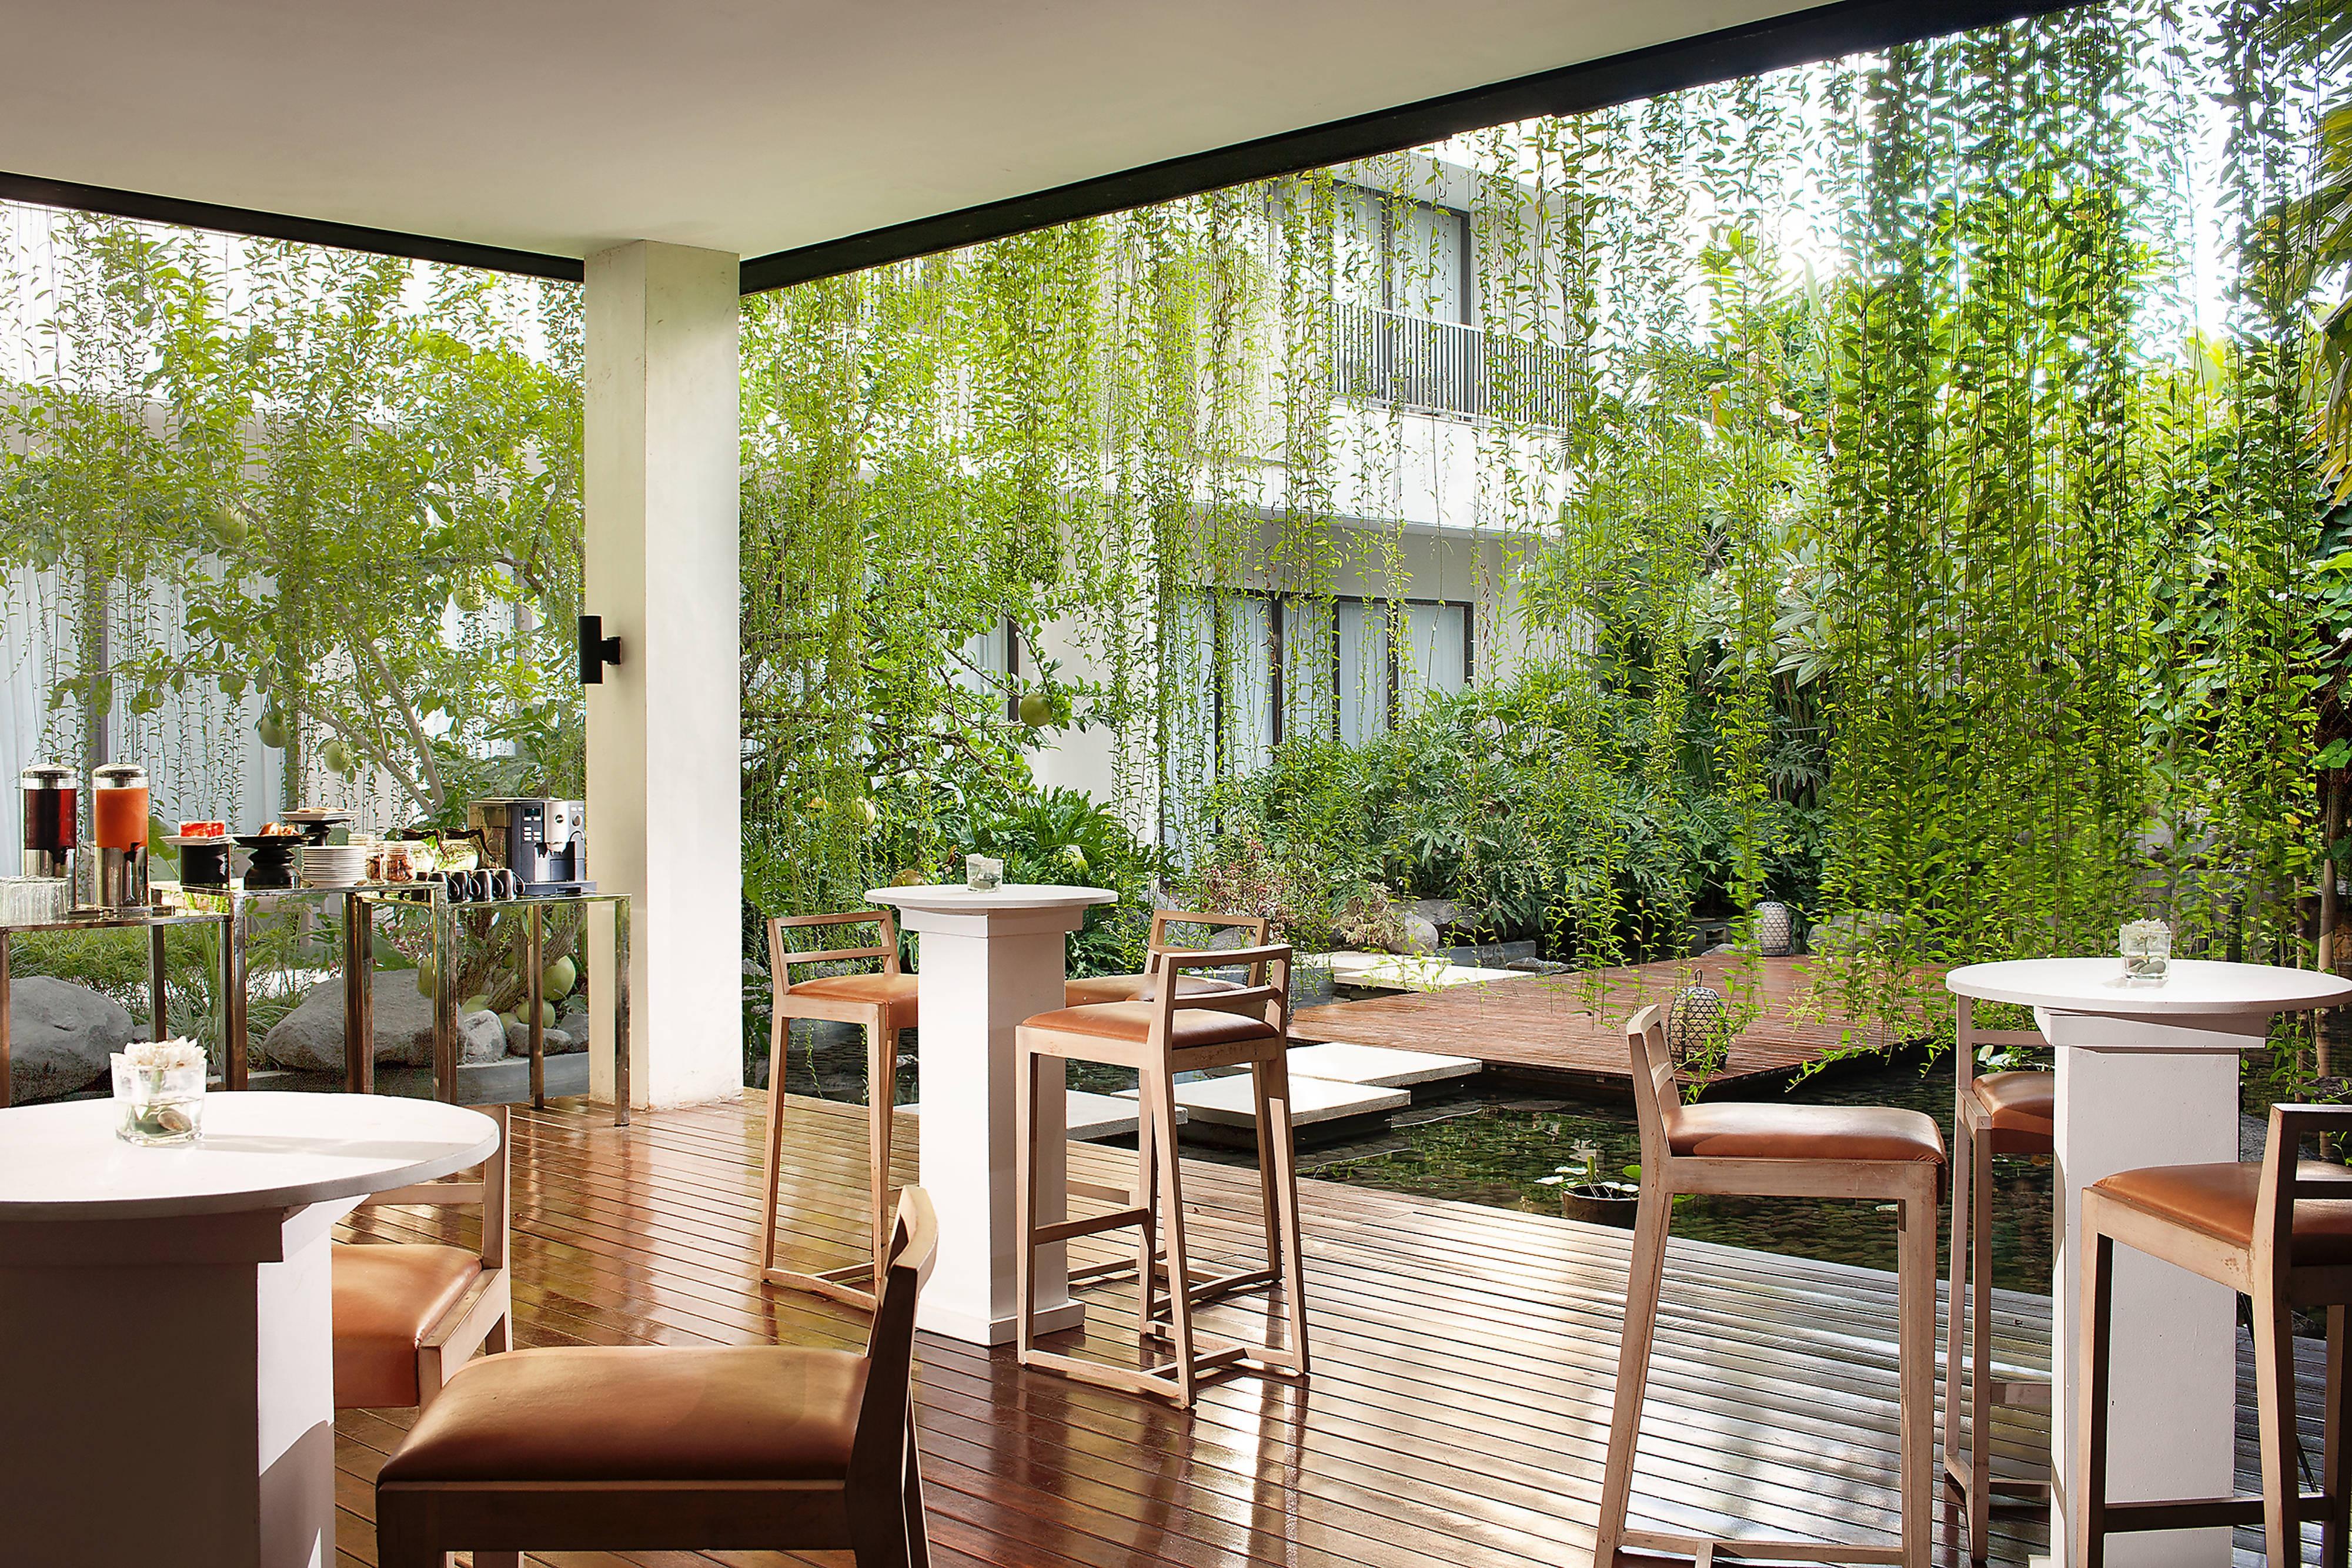 Garden Lounge part 2